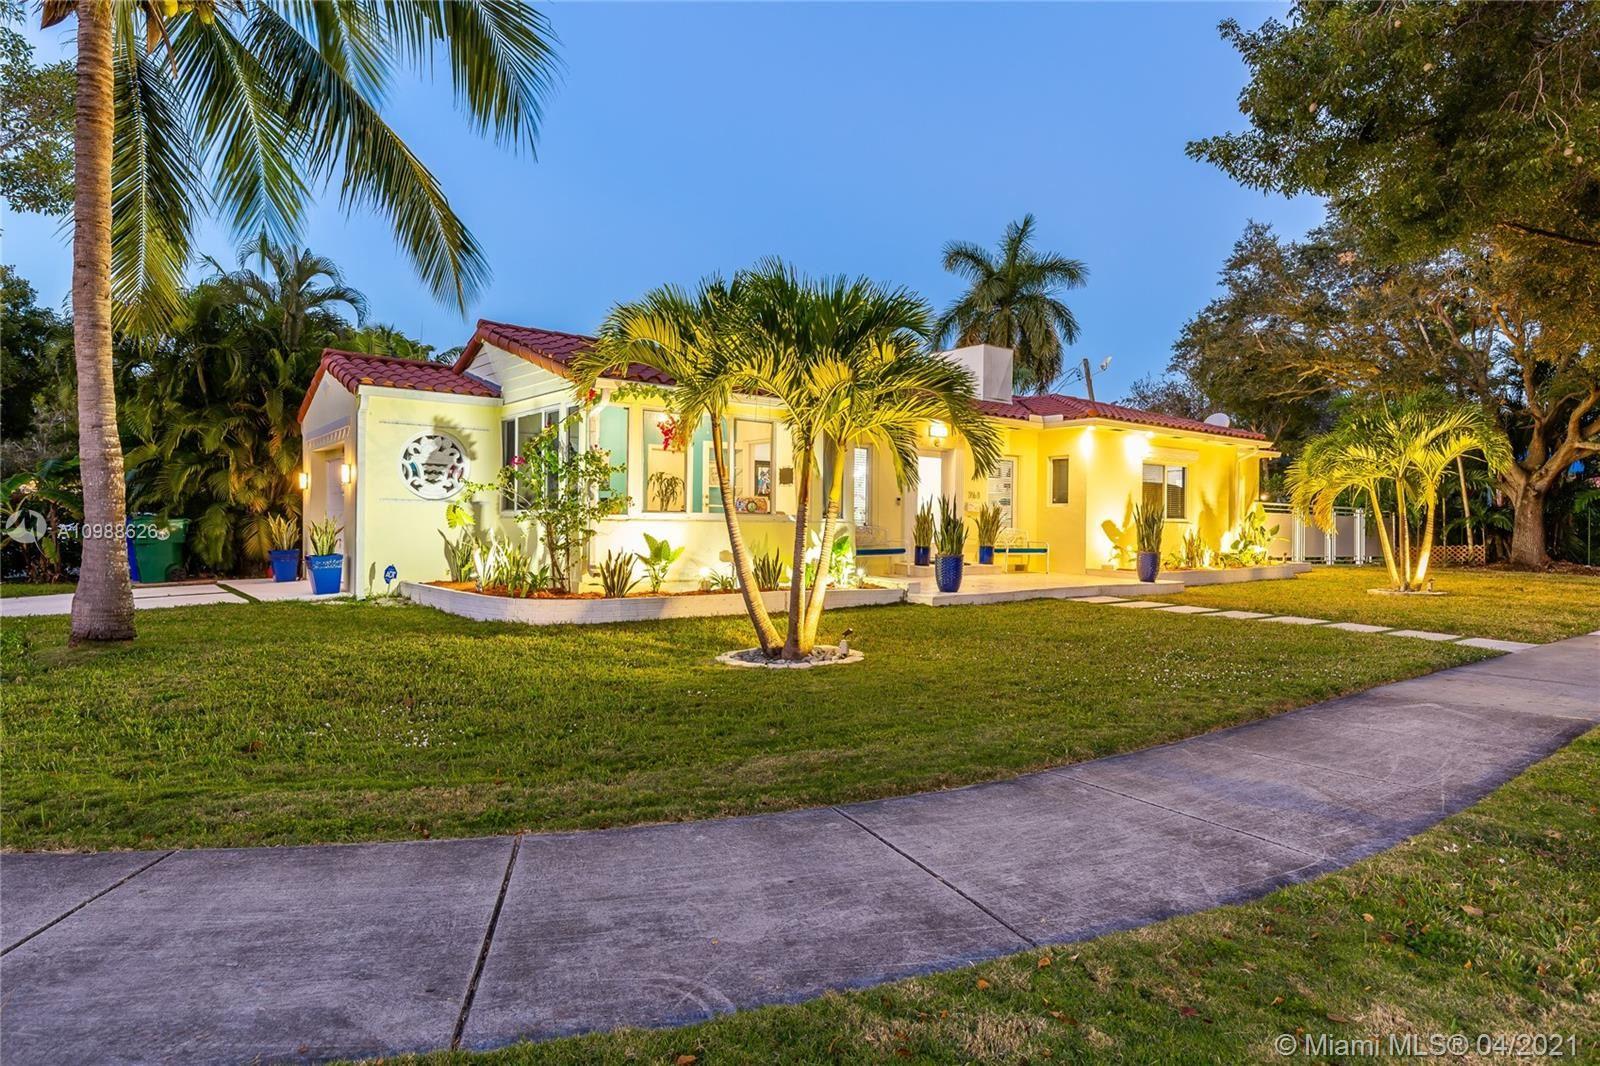 761 NE 77th St, Miami, FL 33138 - #: A10988626